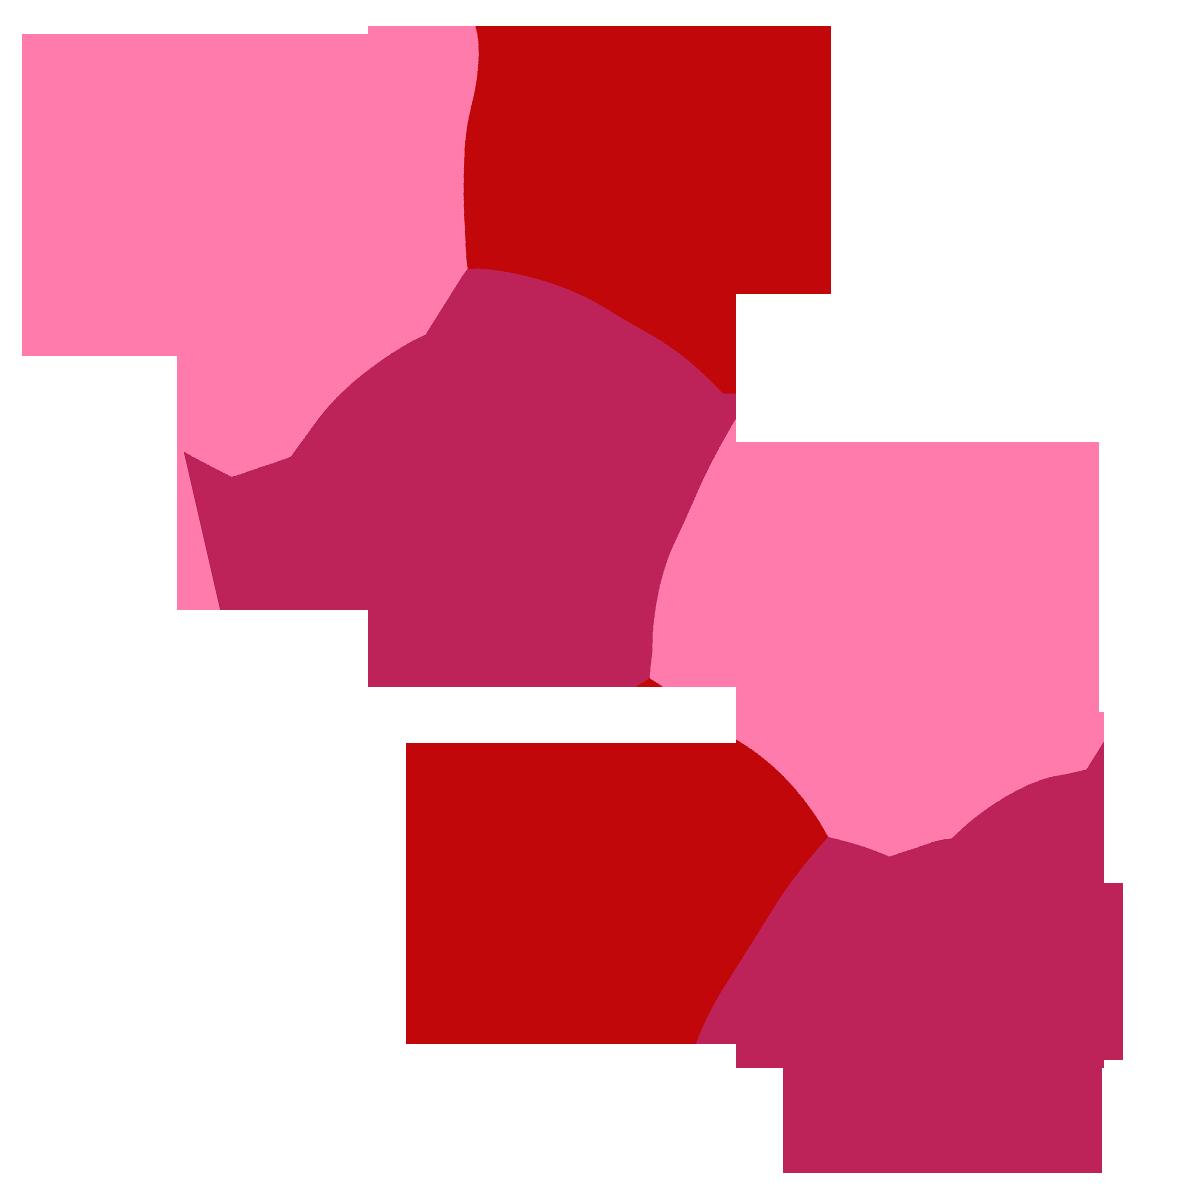 Valentines Clipart. 1ff6e02f7f647ea21b76-Valentines Clipart. 1ff6e02f7f647ea21b76b3f5b32fae .-10